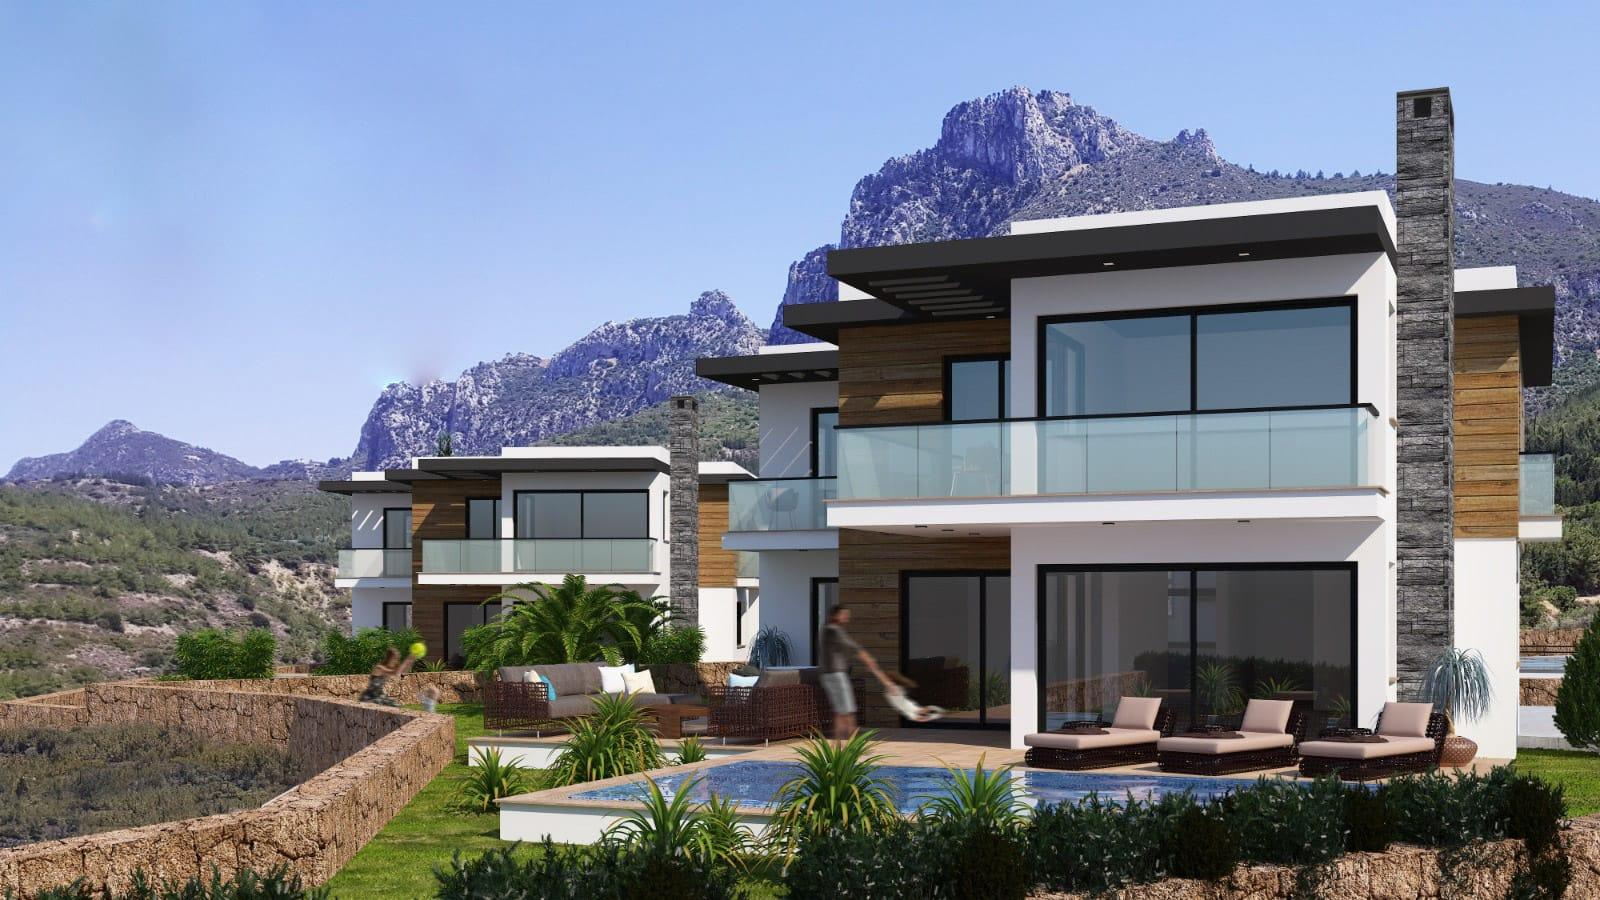 Karmi'de Satılık Lüks 4 Yatak Odalı Villa Projesi 9454